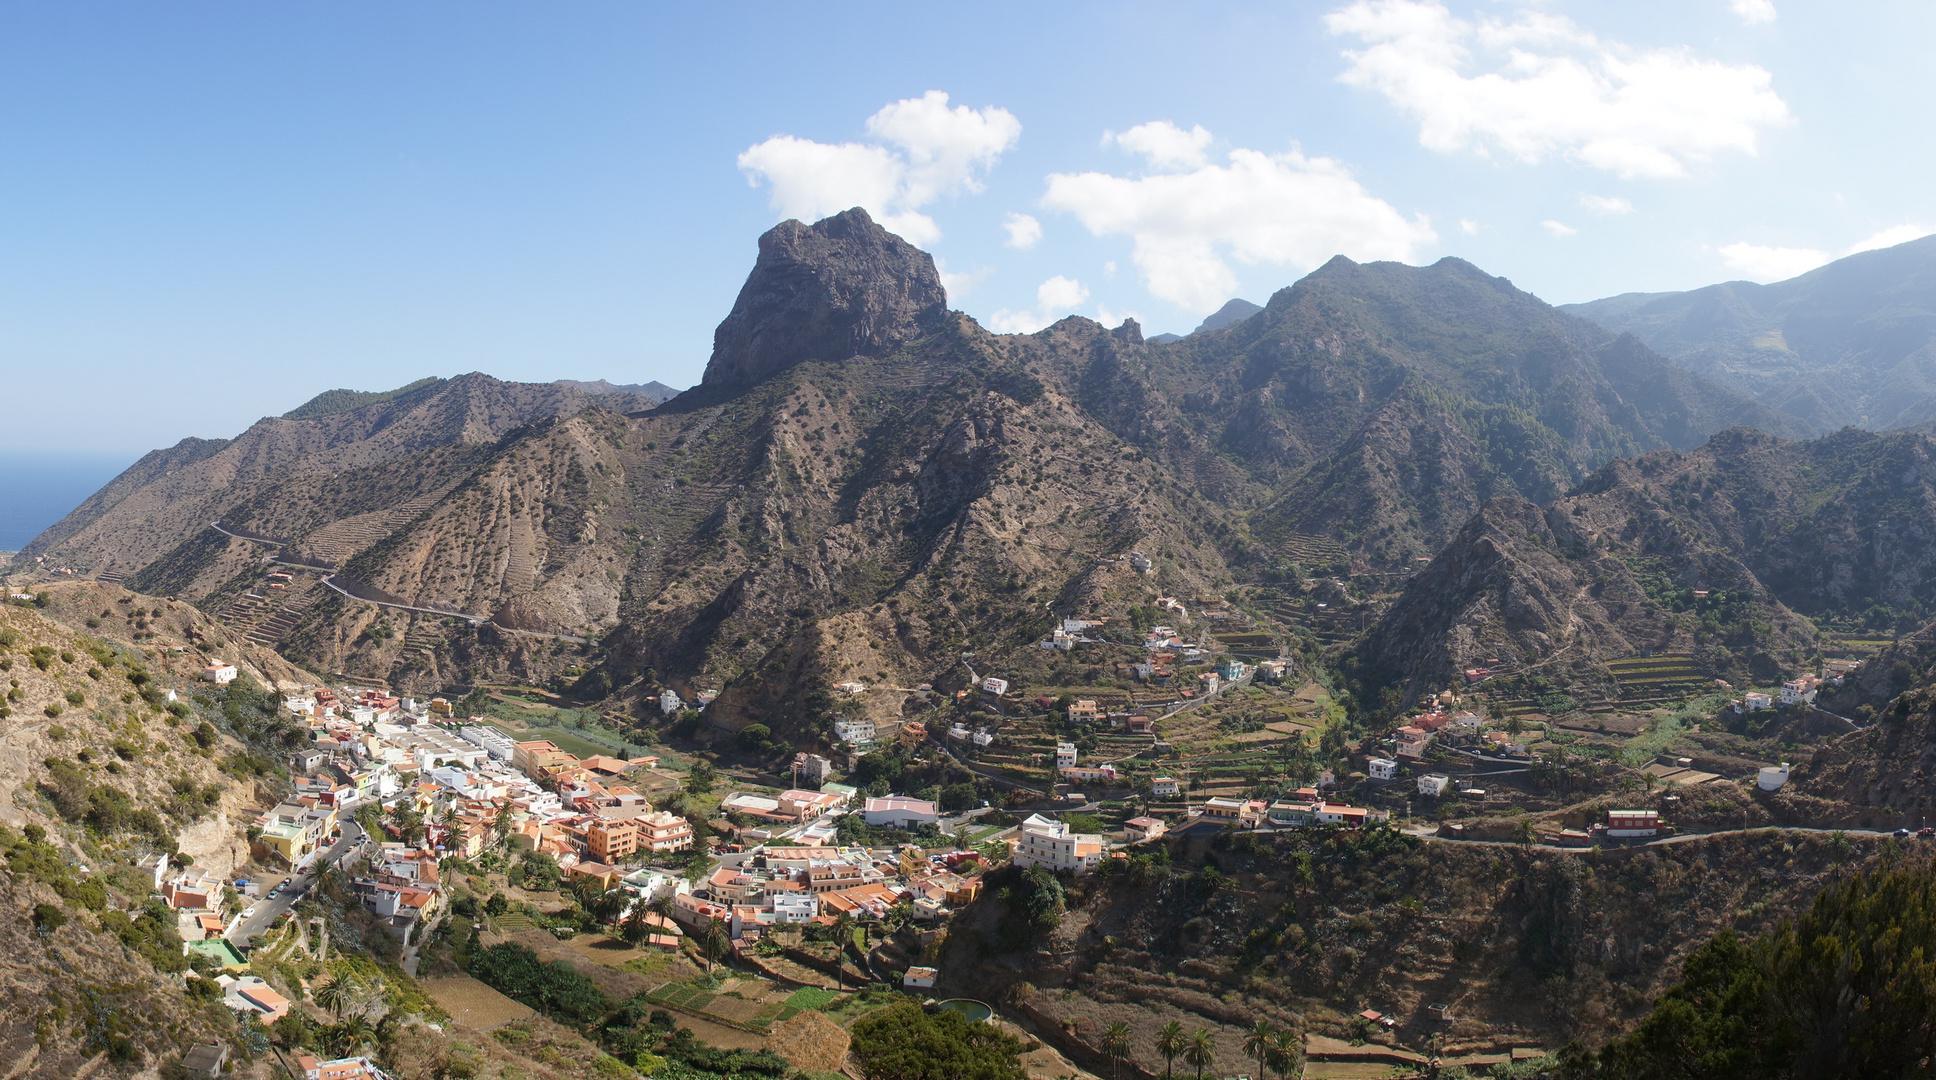 Valle Hermosa - vom Lomo de Cochones aus aufgenommen